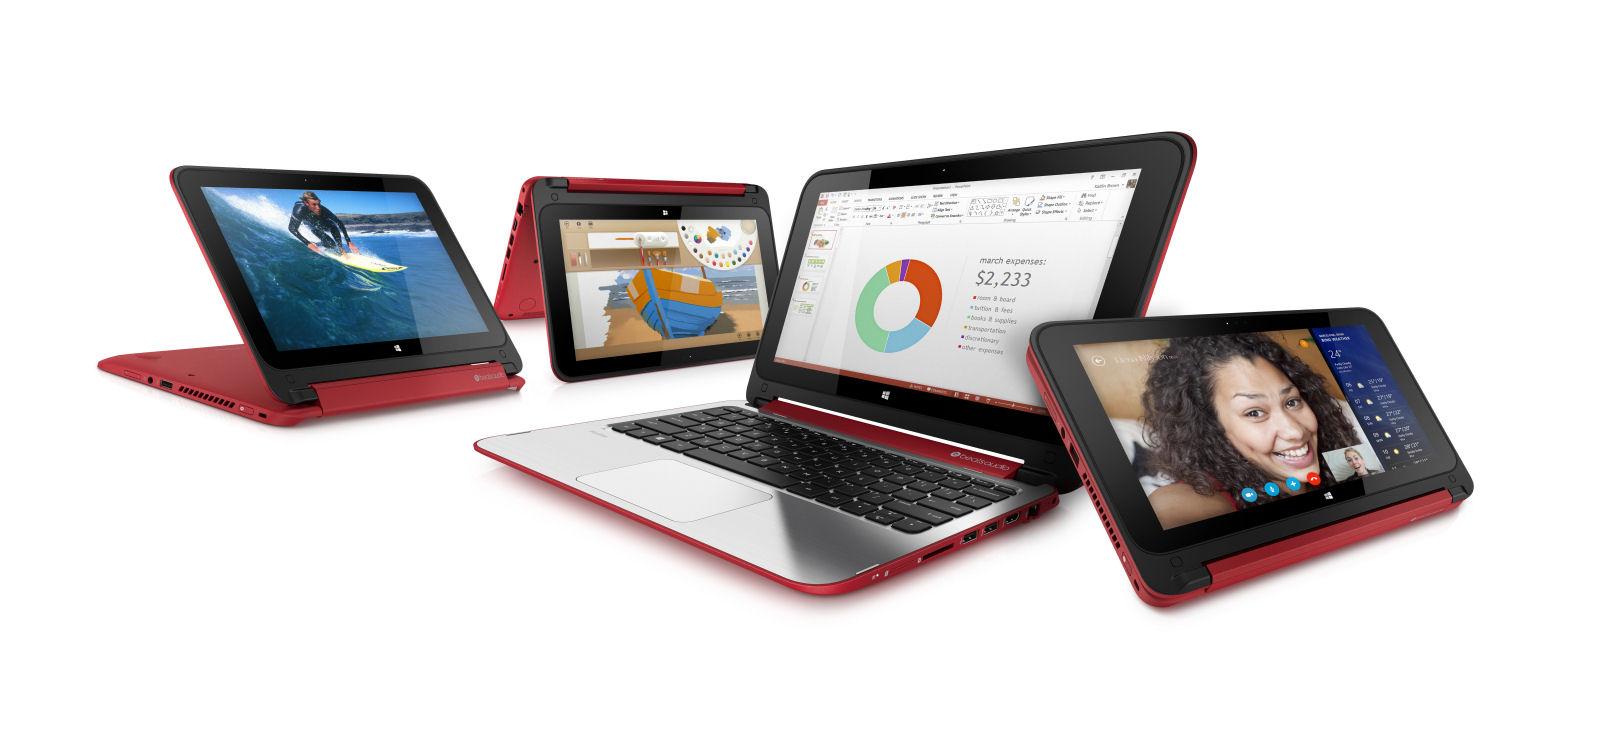 PC Hp Pavilion x360: il giusto compromesso tra prezzo e prestazioni